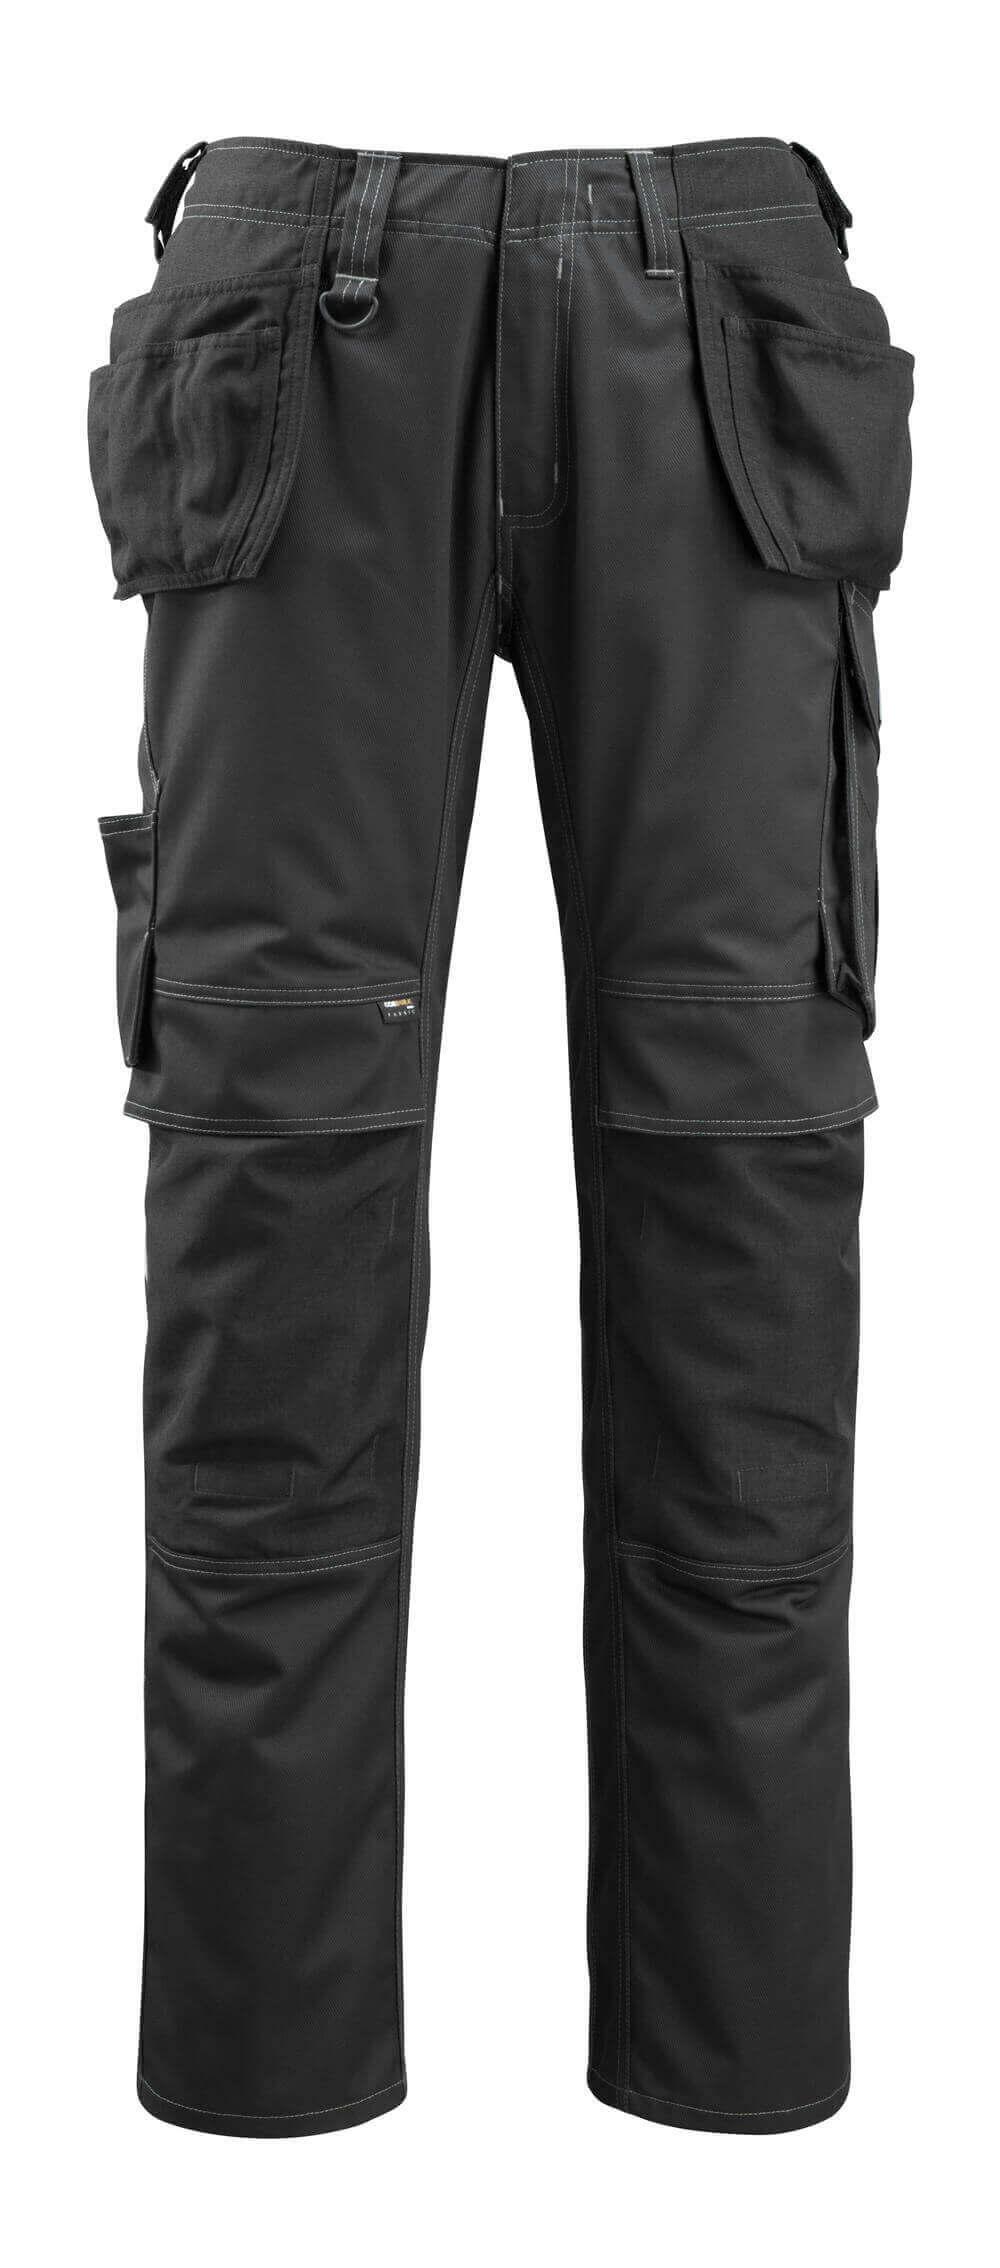 14131-203-09 Pantaloni con tasche esterne - nero